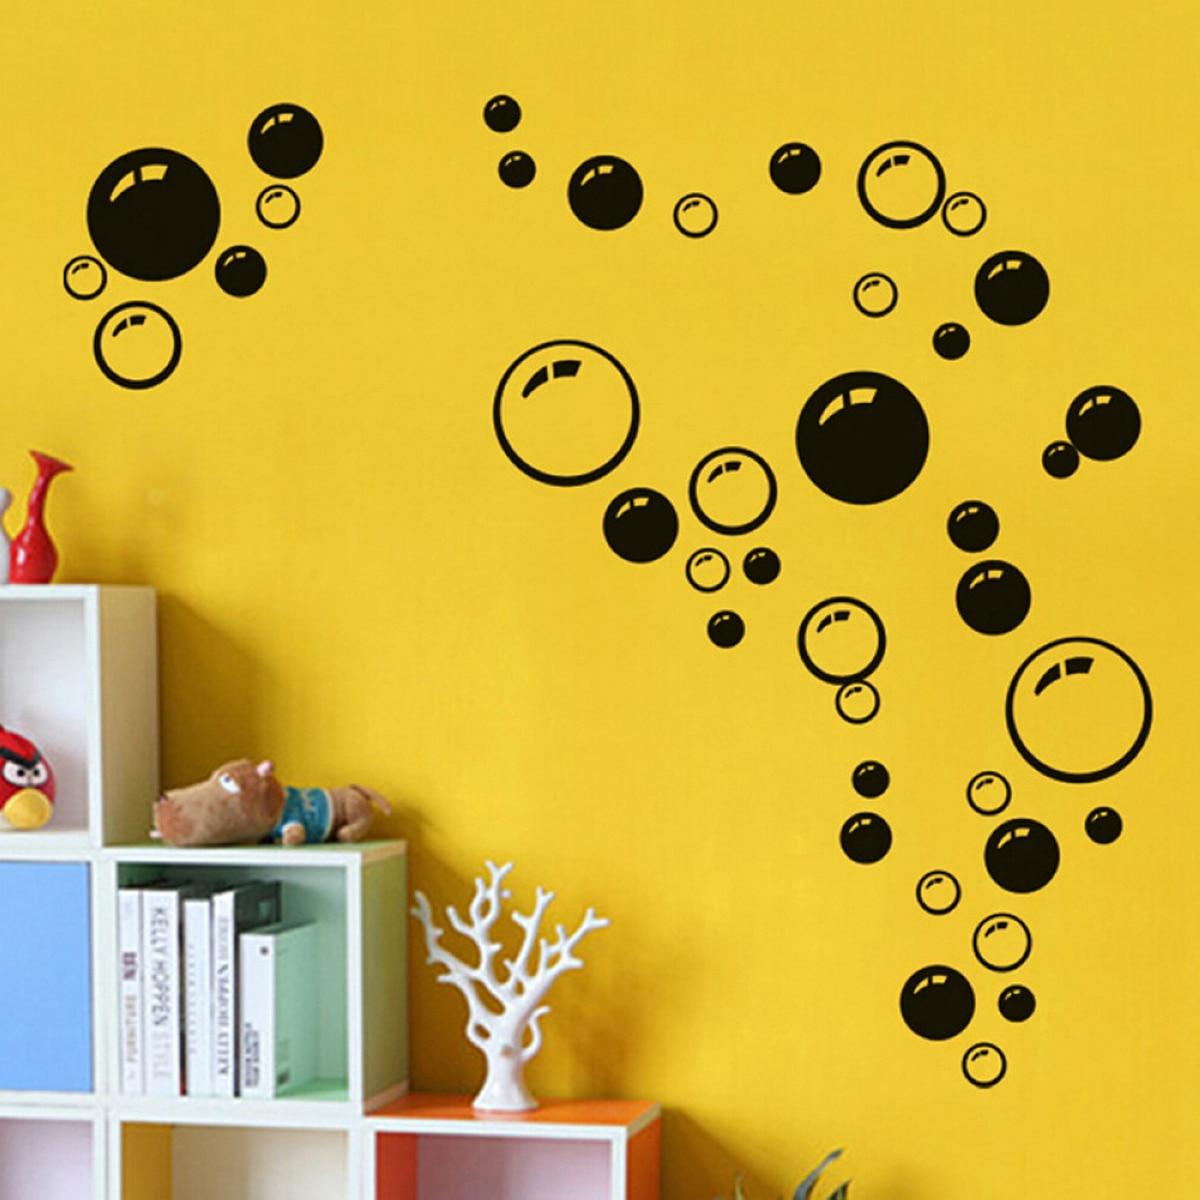 2 Pcs Amovible Tanche Bubble Wall Sticker Salle De Bains Douche